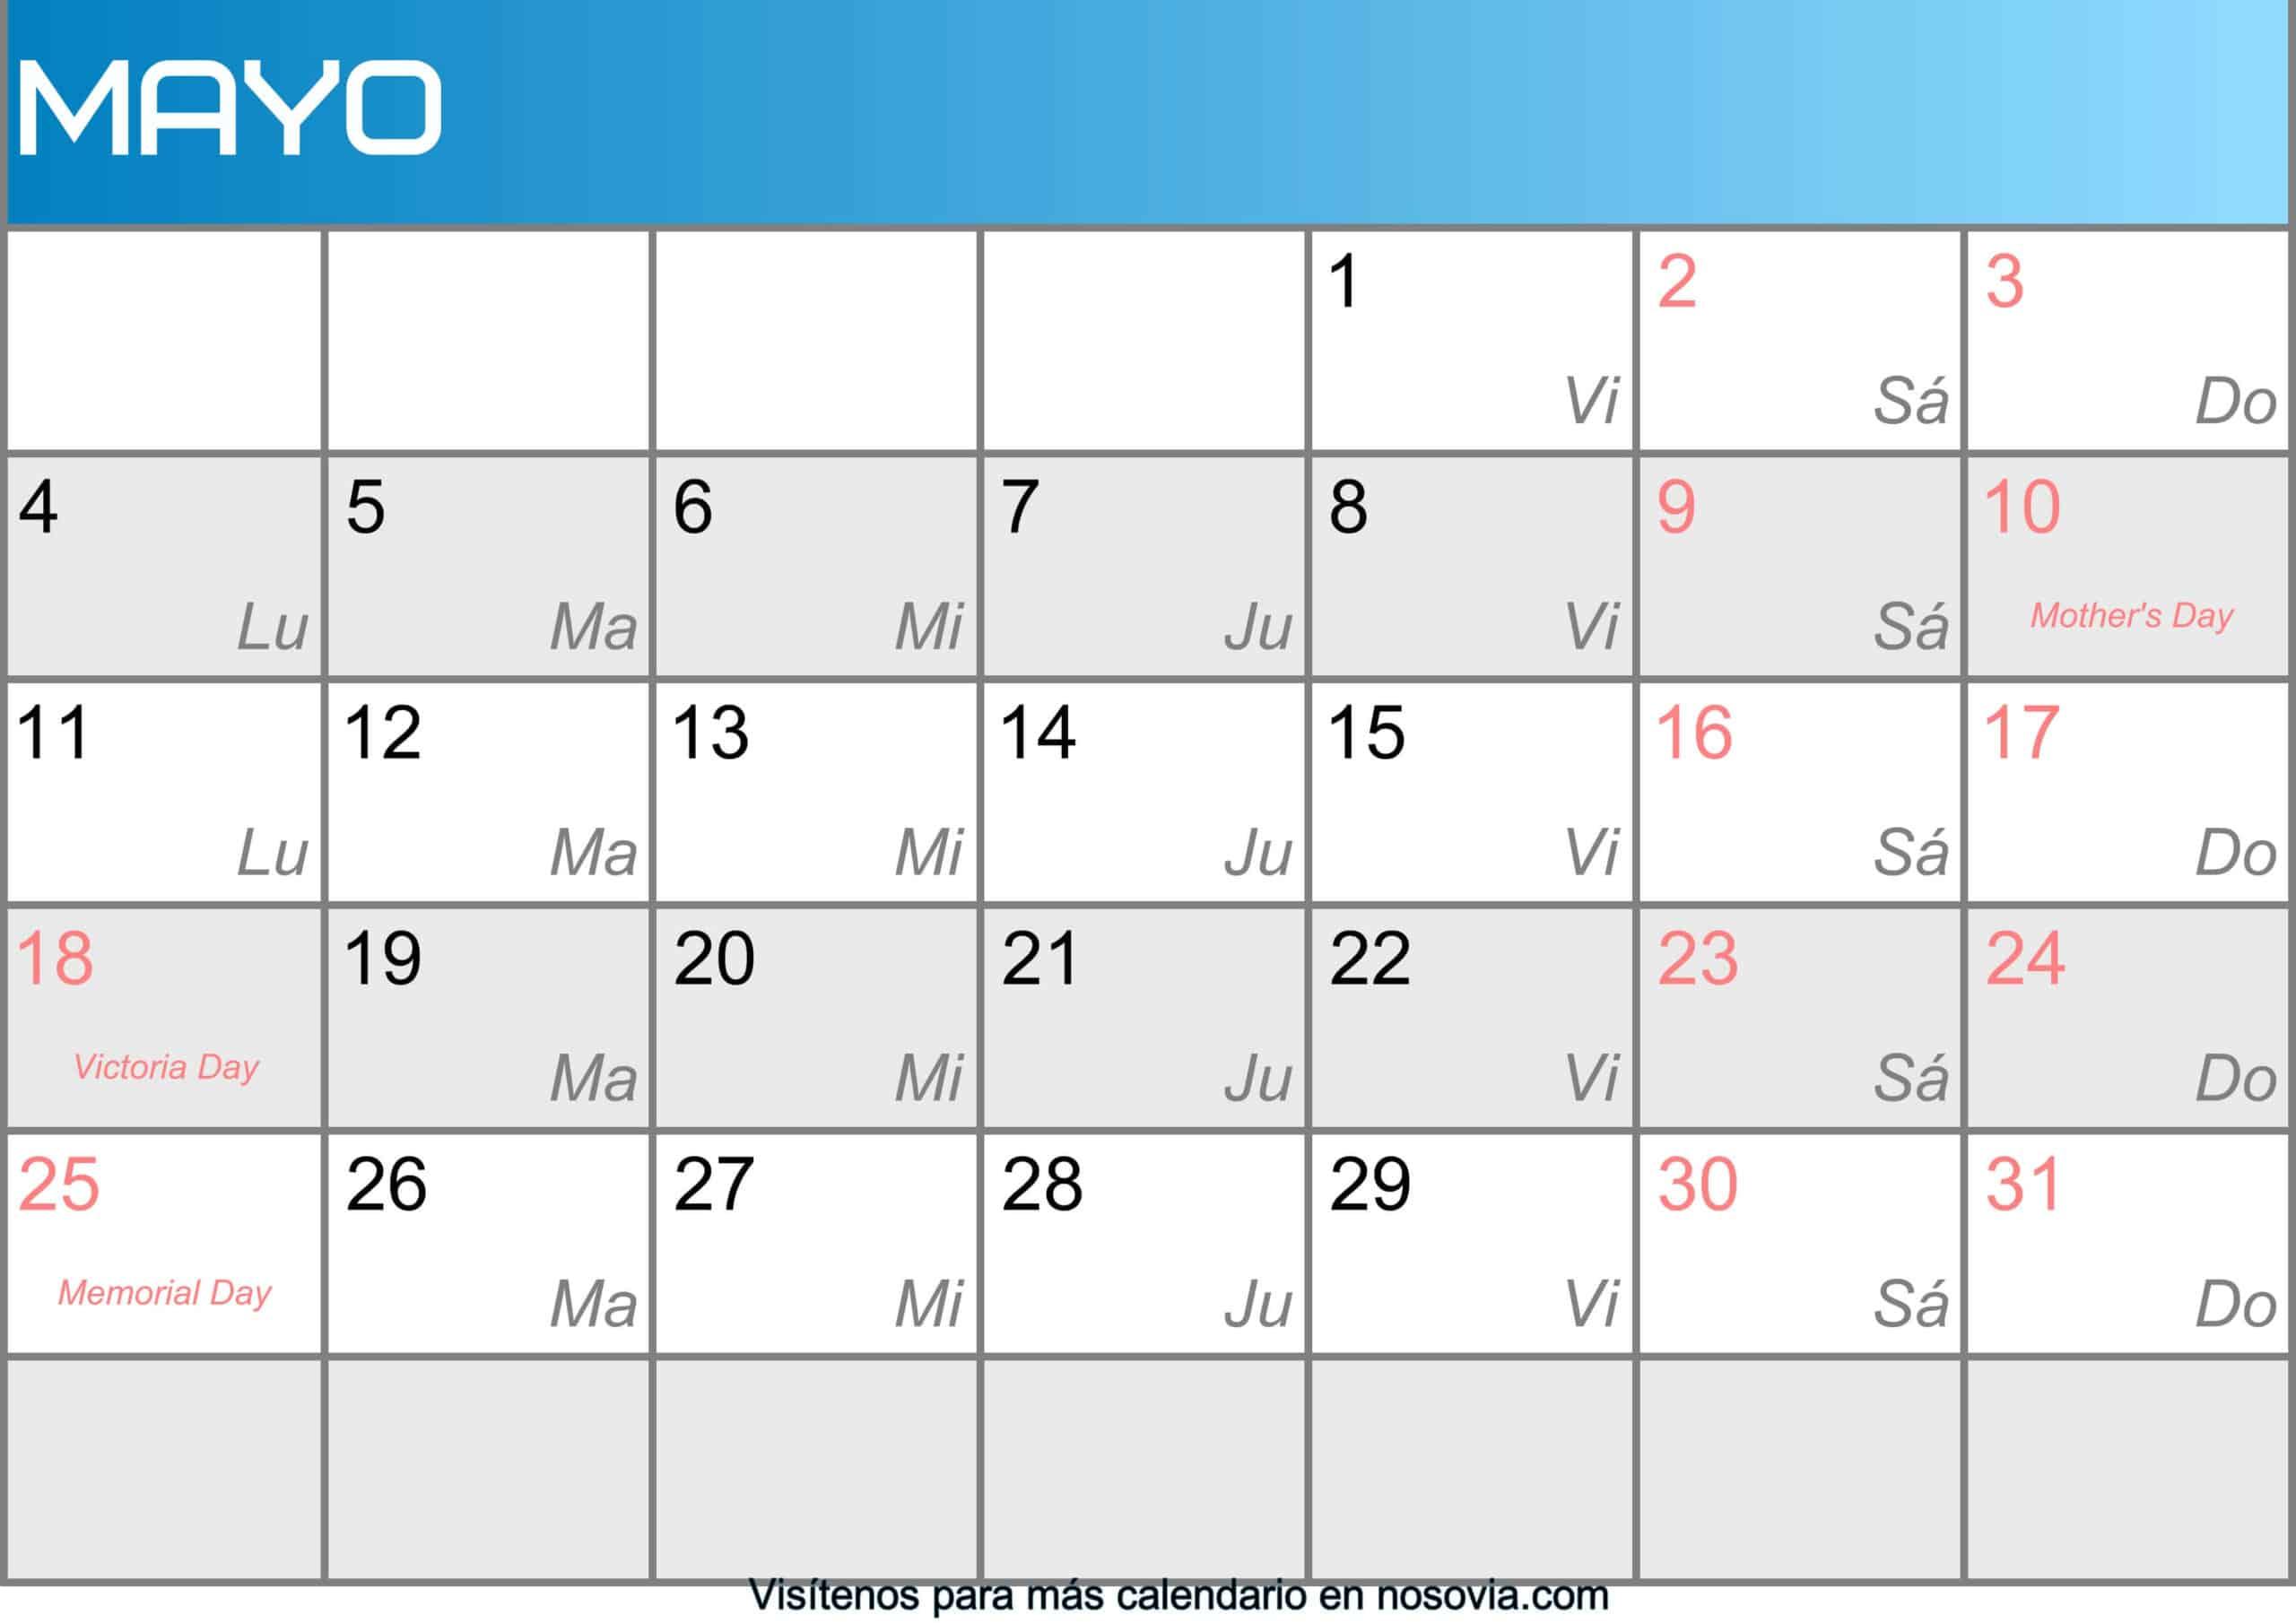 Calendario-mayo-2020-Con-Festivos-Imágenes